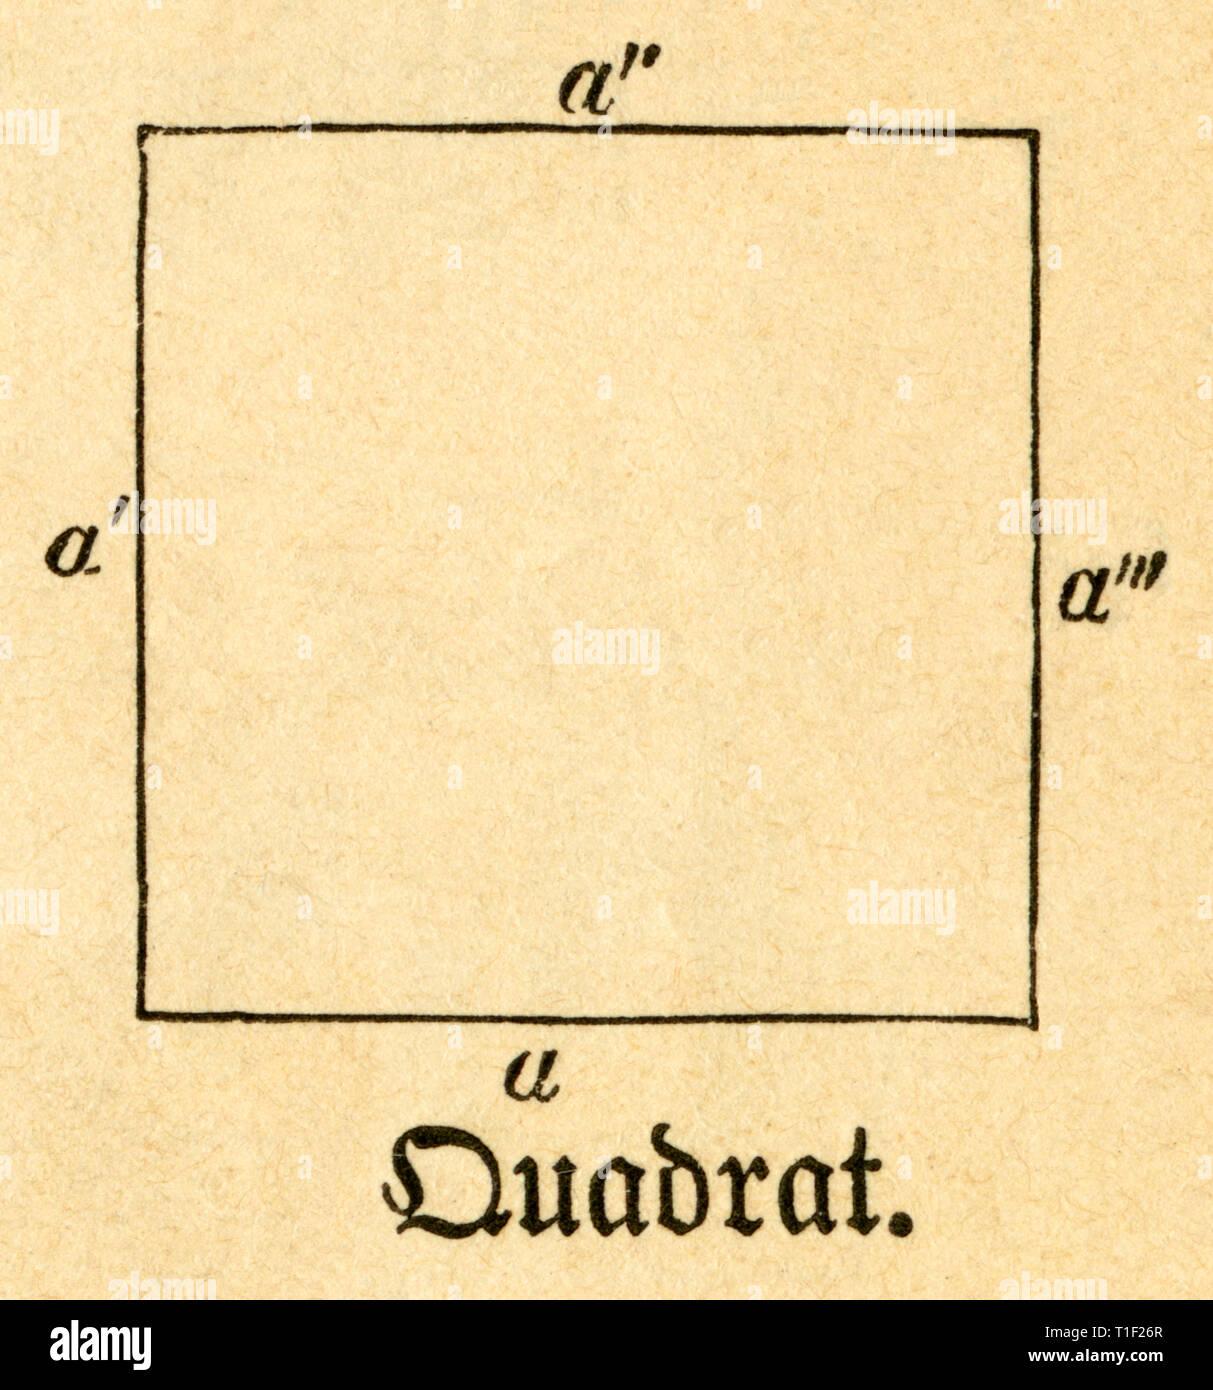 Square, illustrazione da: 'Die Welt in Bildern ' (immagini del mondo), pubblicato dal dottor Chr. G. Hottinger, Berlino / Strasburgo, 1881., Additional-Rights-Clearance-Info-Not-Available Immagini Stock